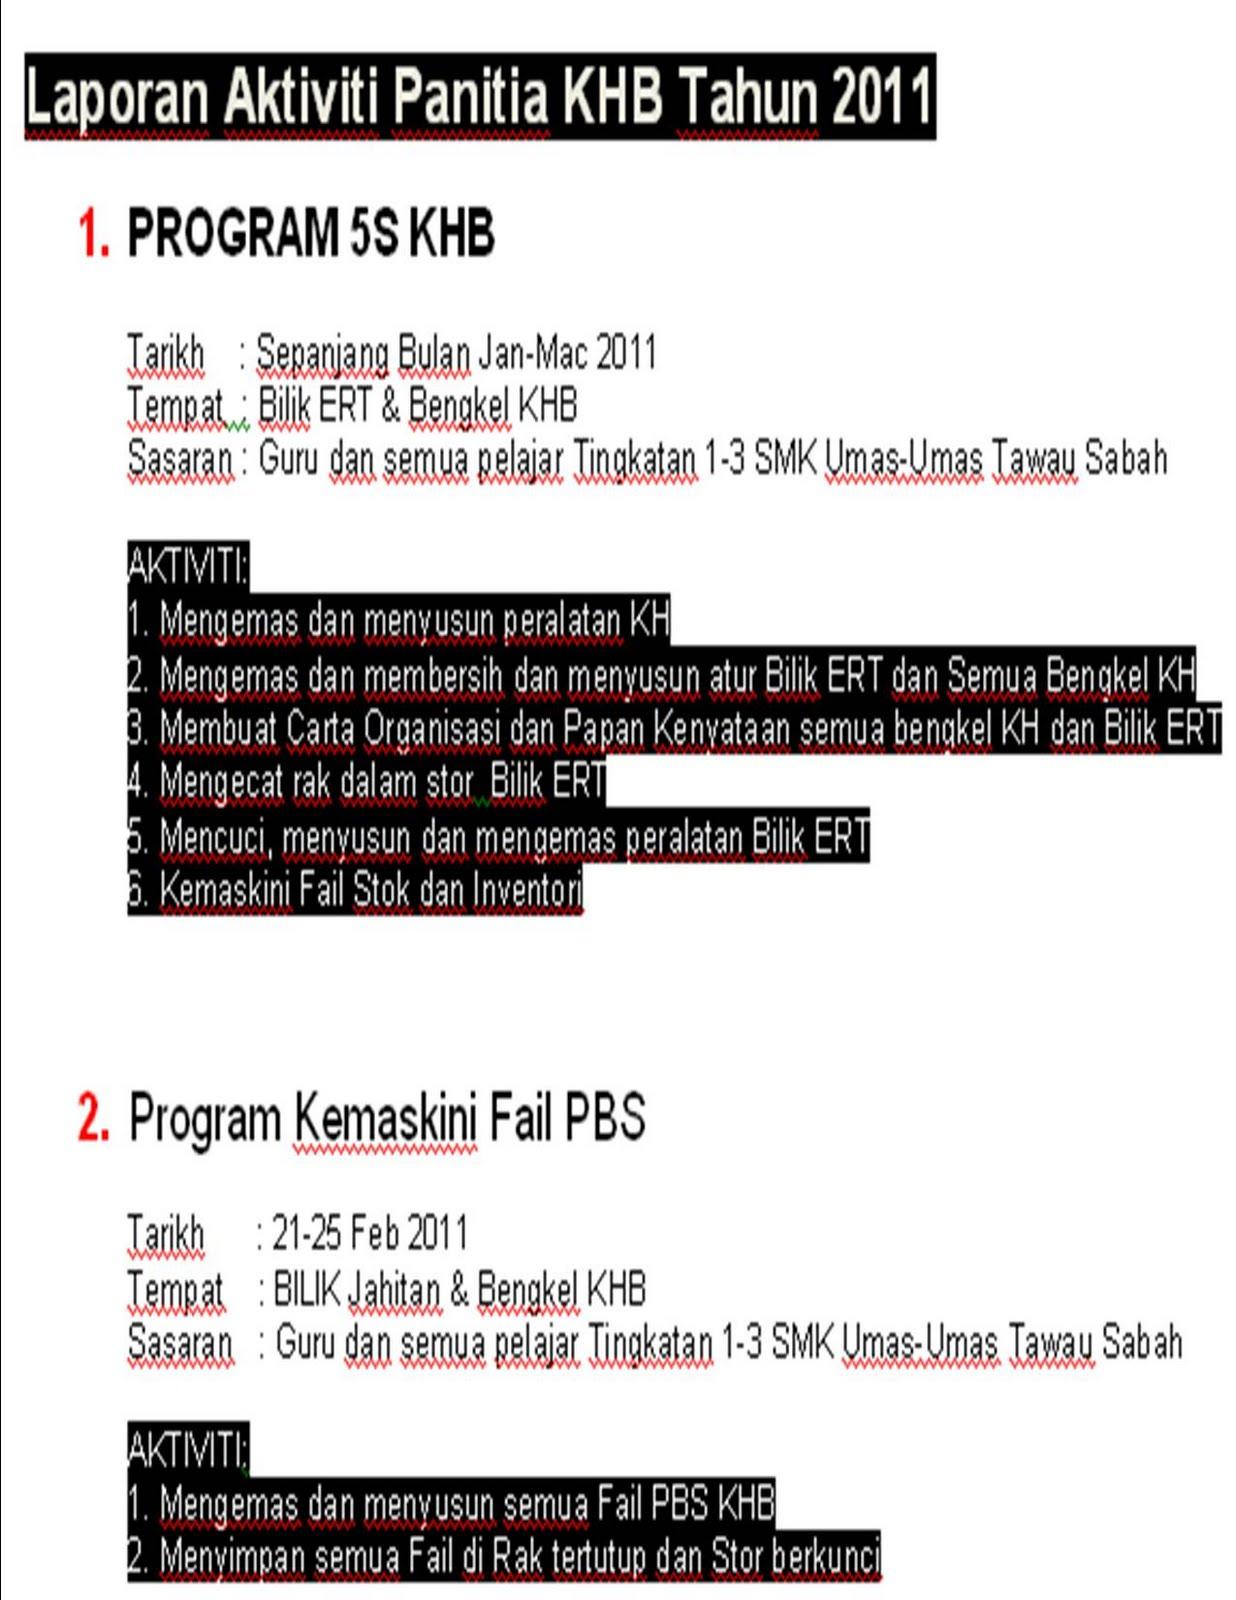 Laporan Aktiviti Panitia KHB 2011